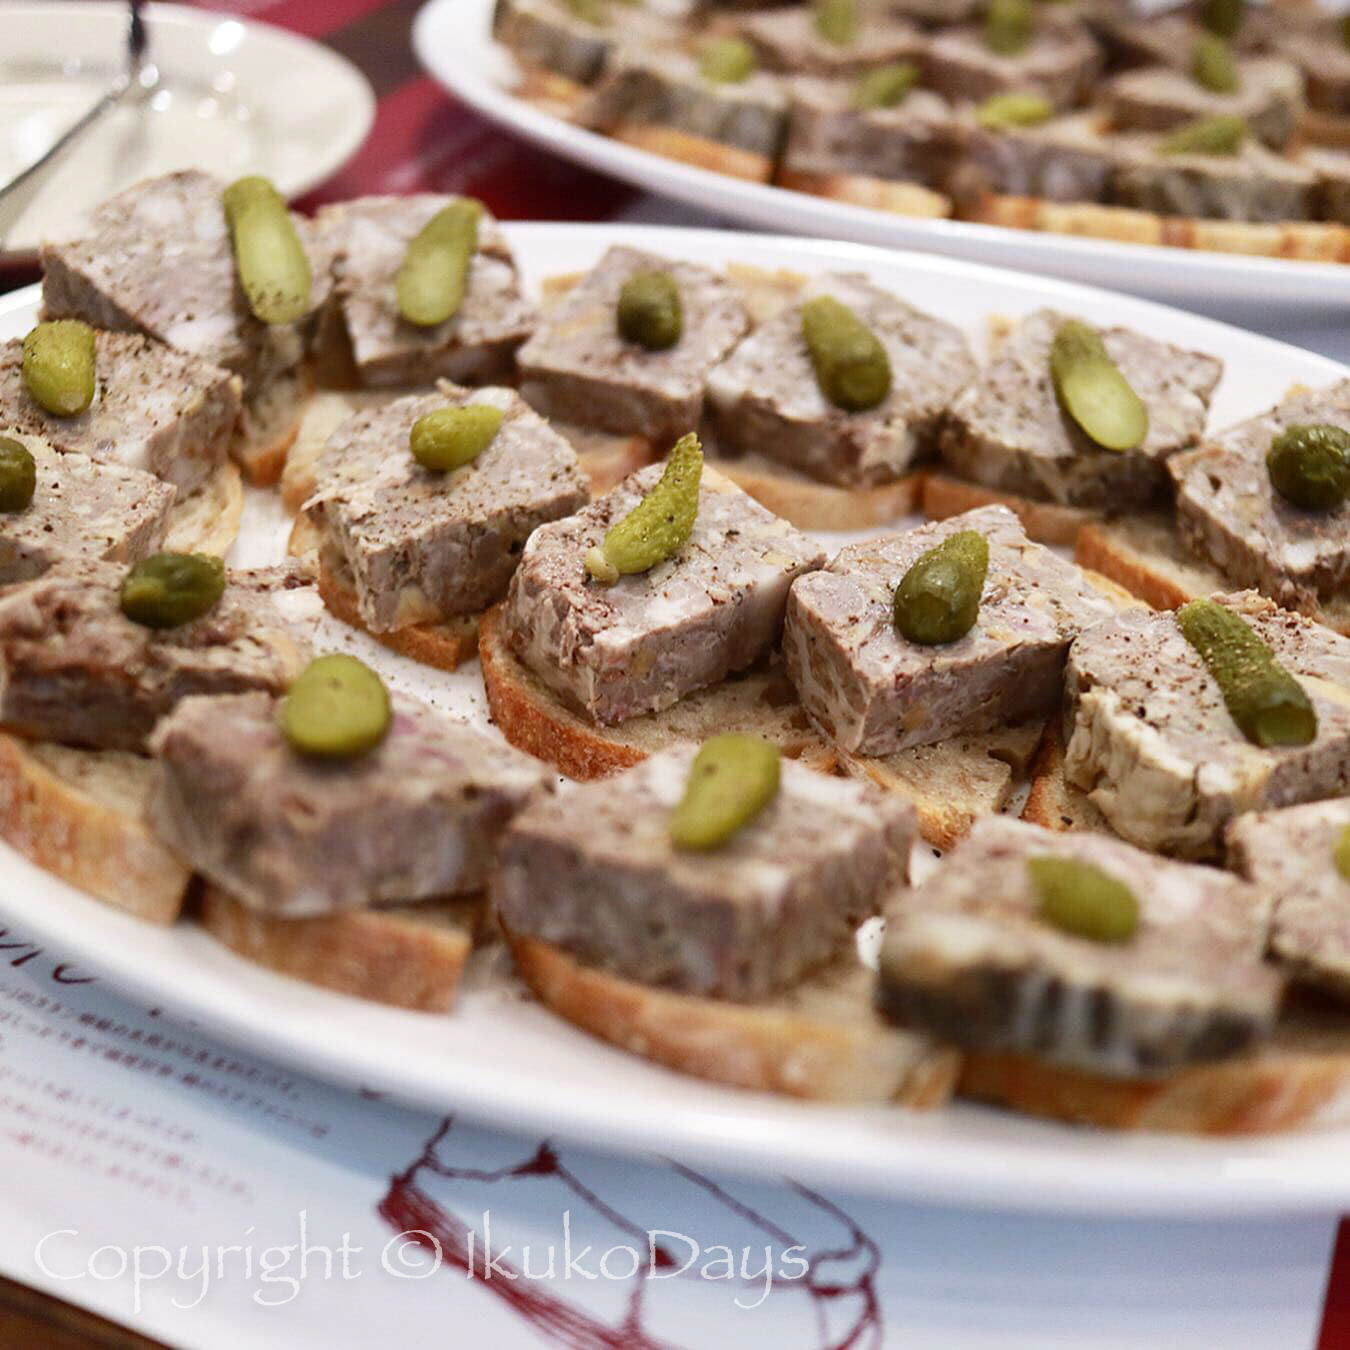 パリで連日行列必須の肉ビストロが 日本橋 にオープン:『サクレフルール 日本橋店』日本橋_d0114093_04465667.jpg